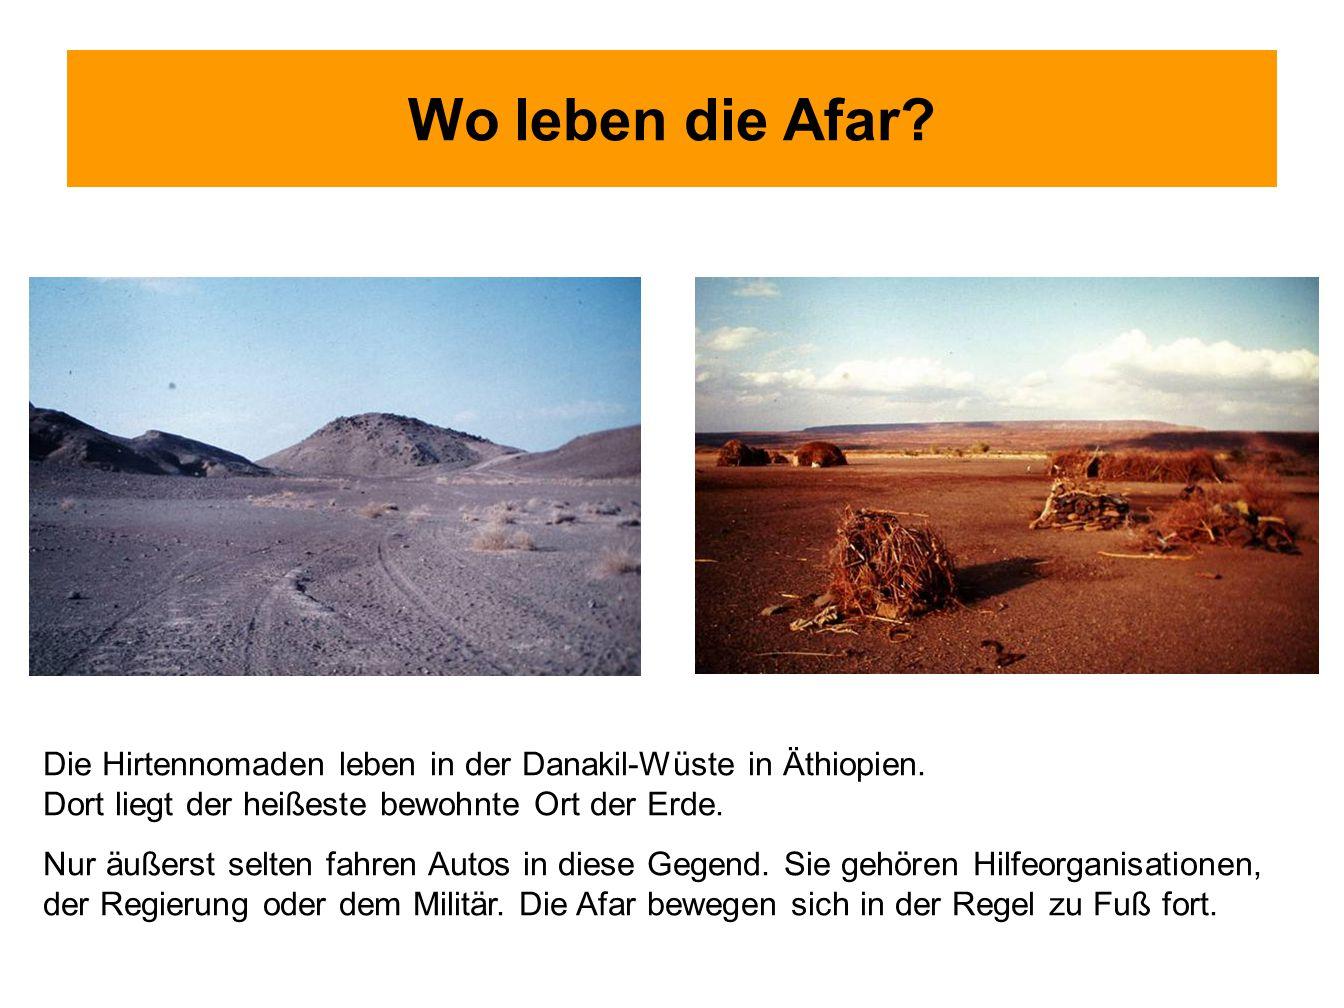 Wo leben die Afar? Die Hirtennomaden leben in der Danakil-Wüste in Äthiopien. Dort liegt der heißeste bewohnte Ort der Erde. Nur äußerst selten fahren